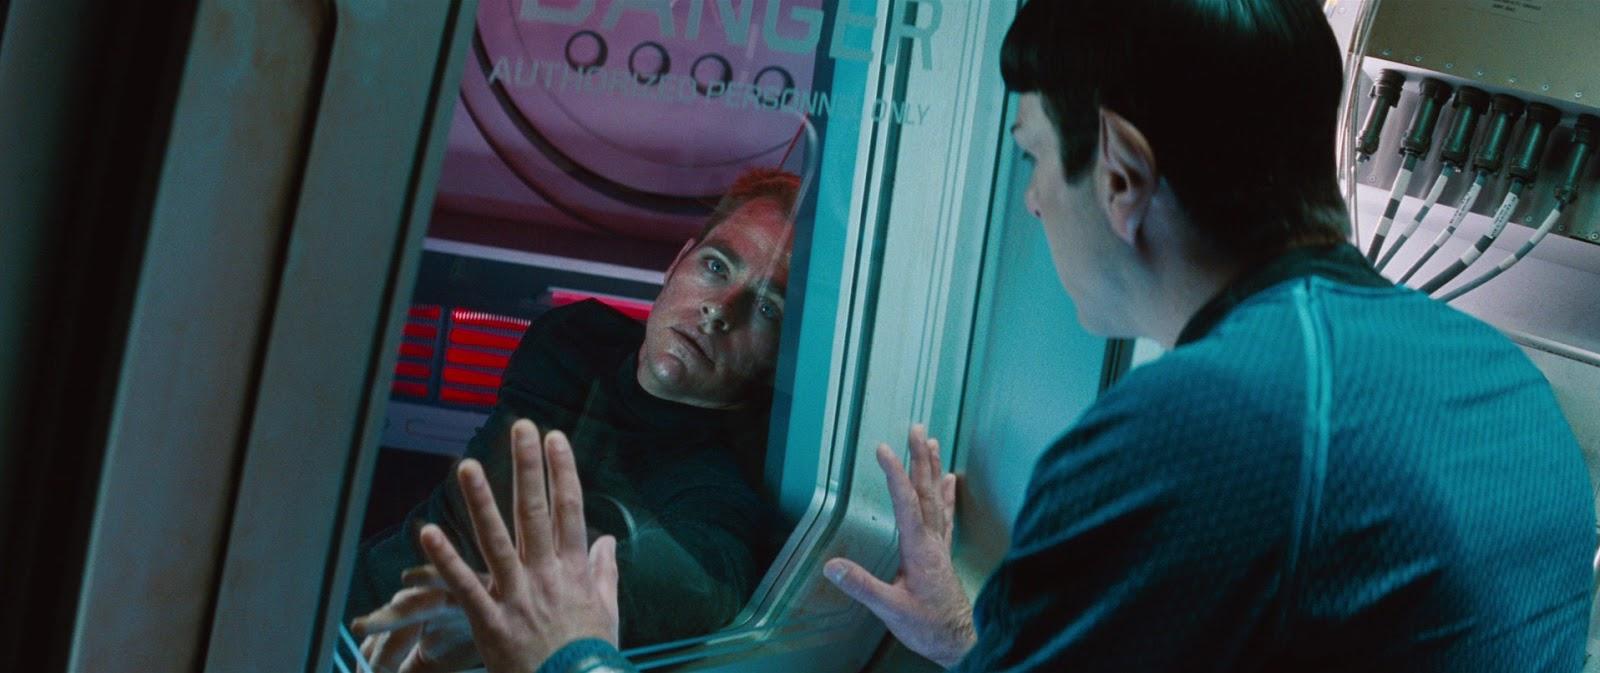 Guia de naves estelares: Ocasiones perdidas en Star Trek